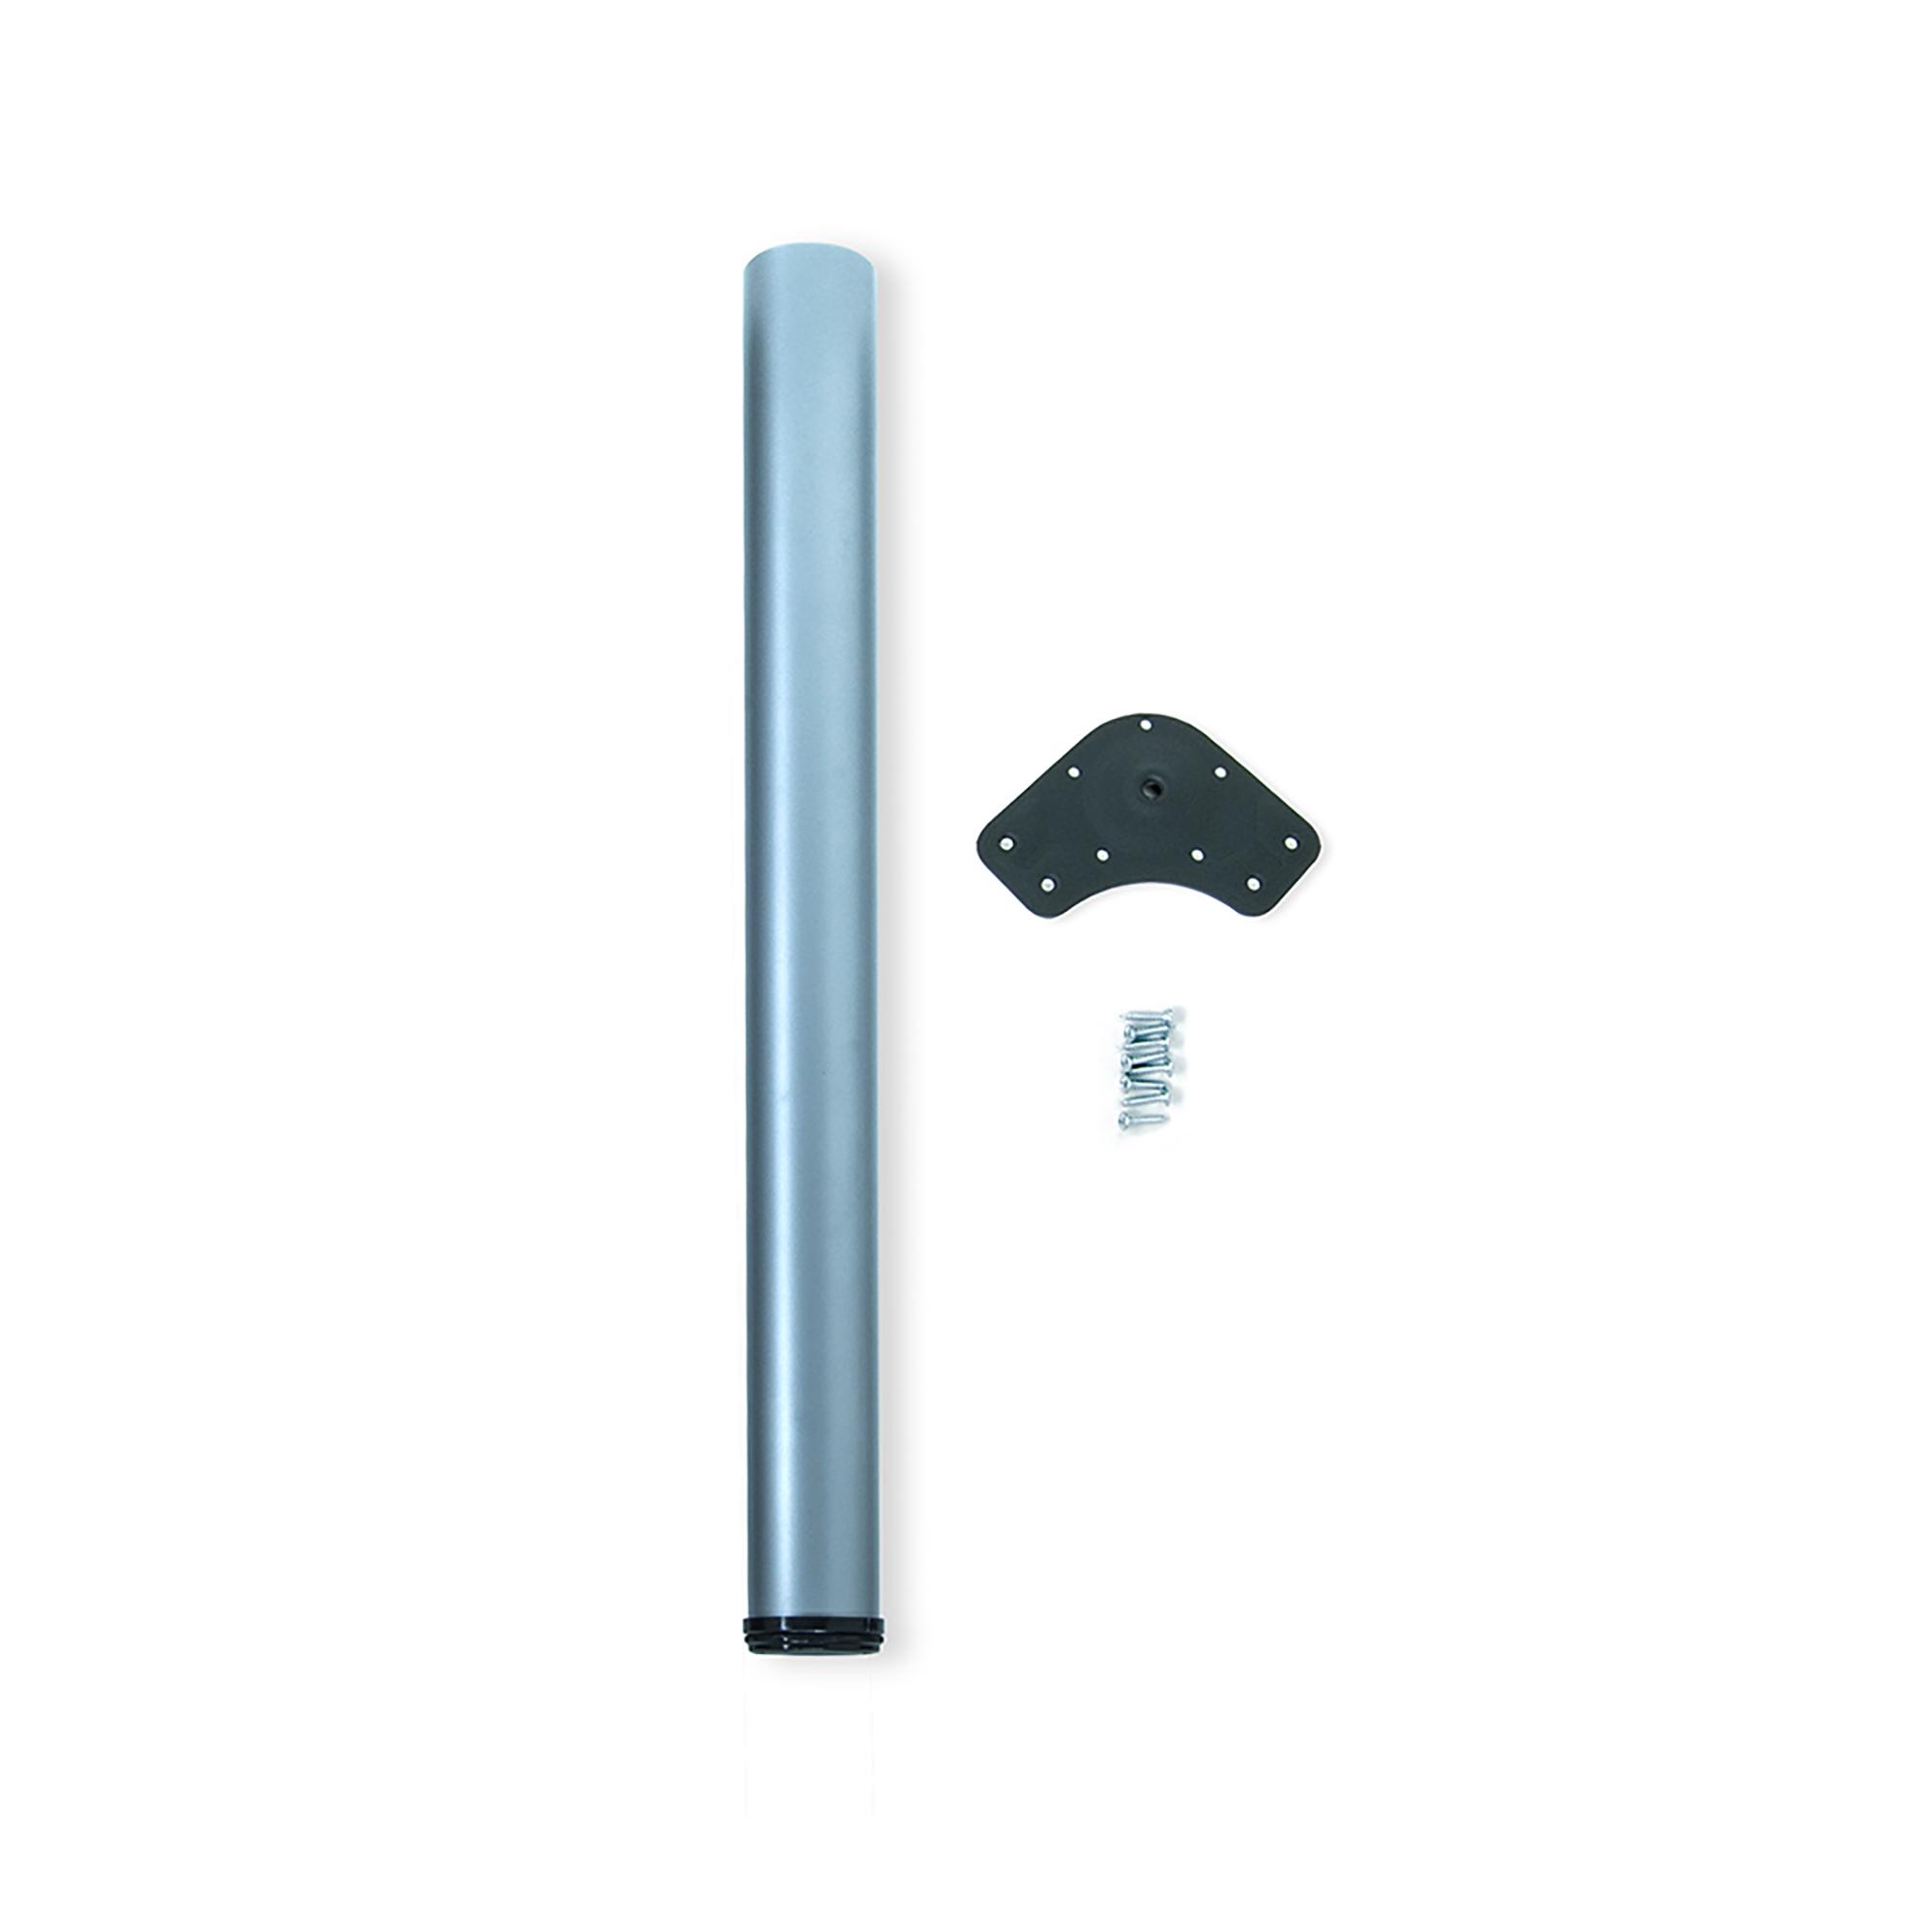 Emuca Gamba per tavolo, D. 80 mm, regolabile 870-900 mm, Acciaio, Grigio metallizzato